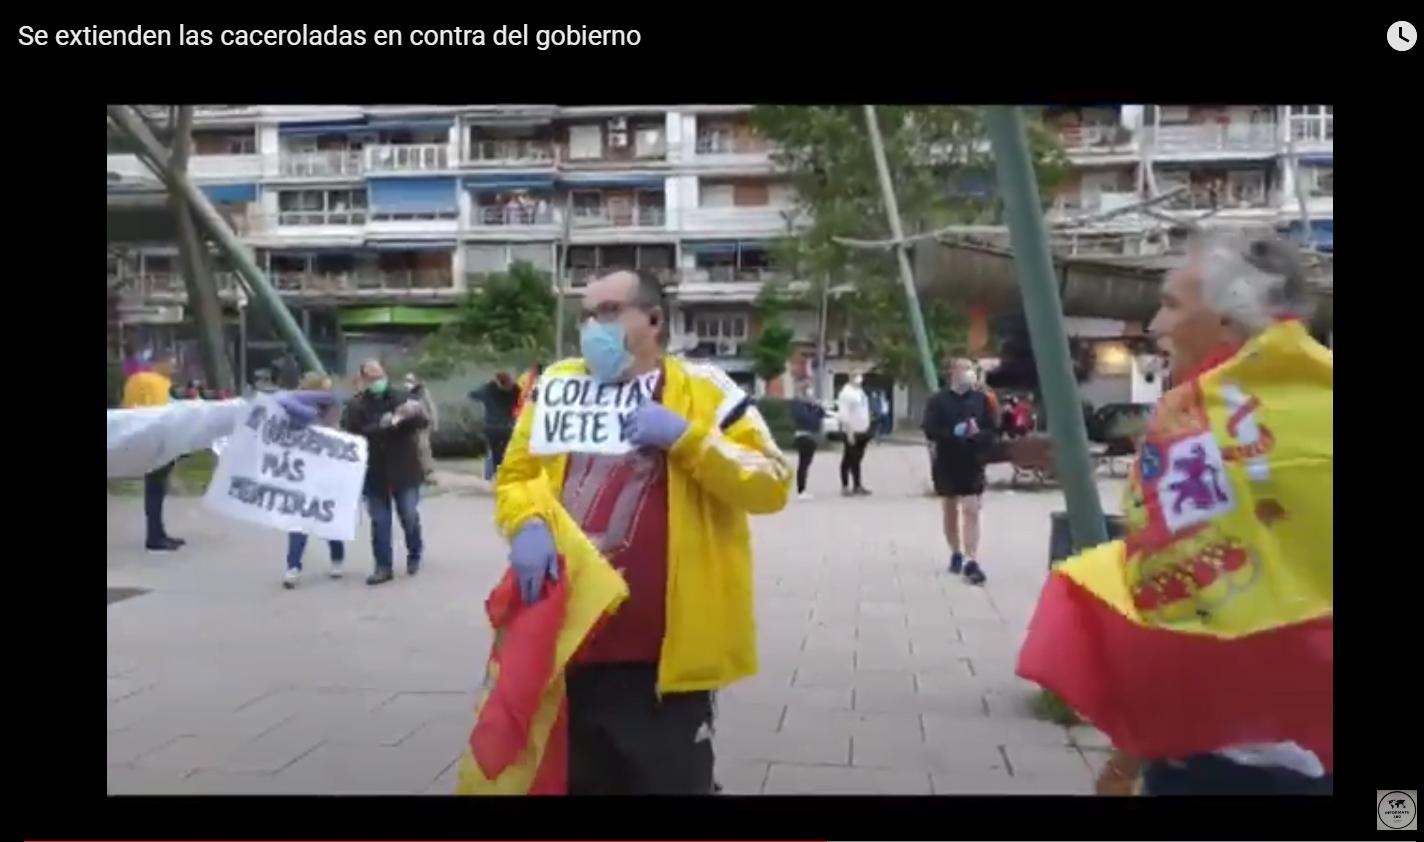 Protesta contra el gobierno en Alcorcón